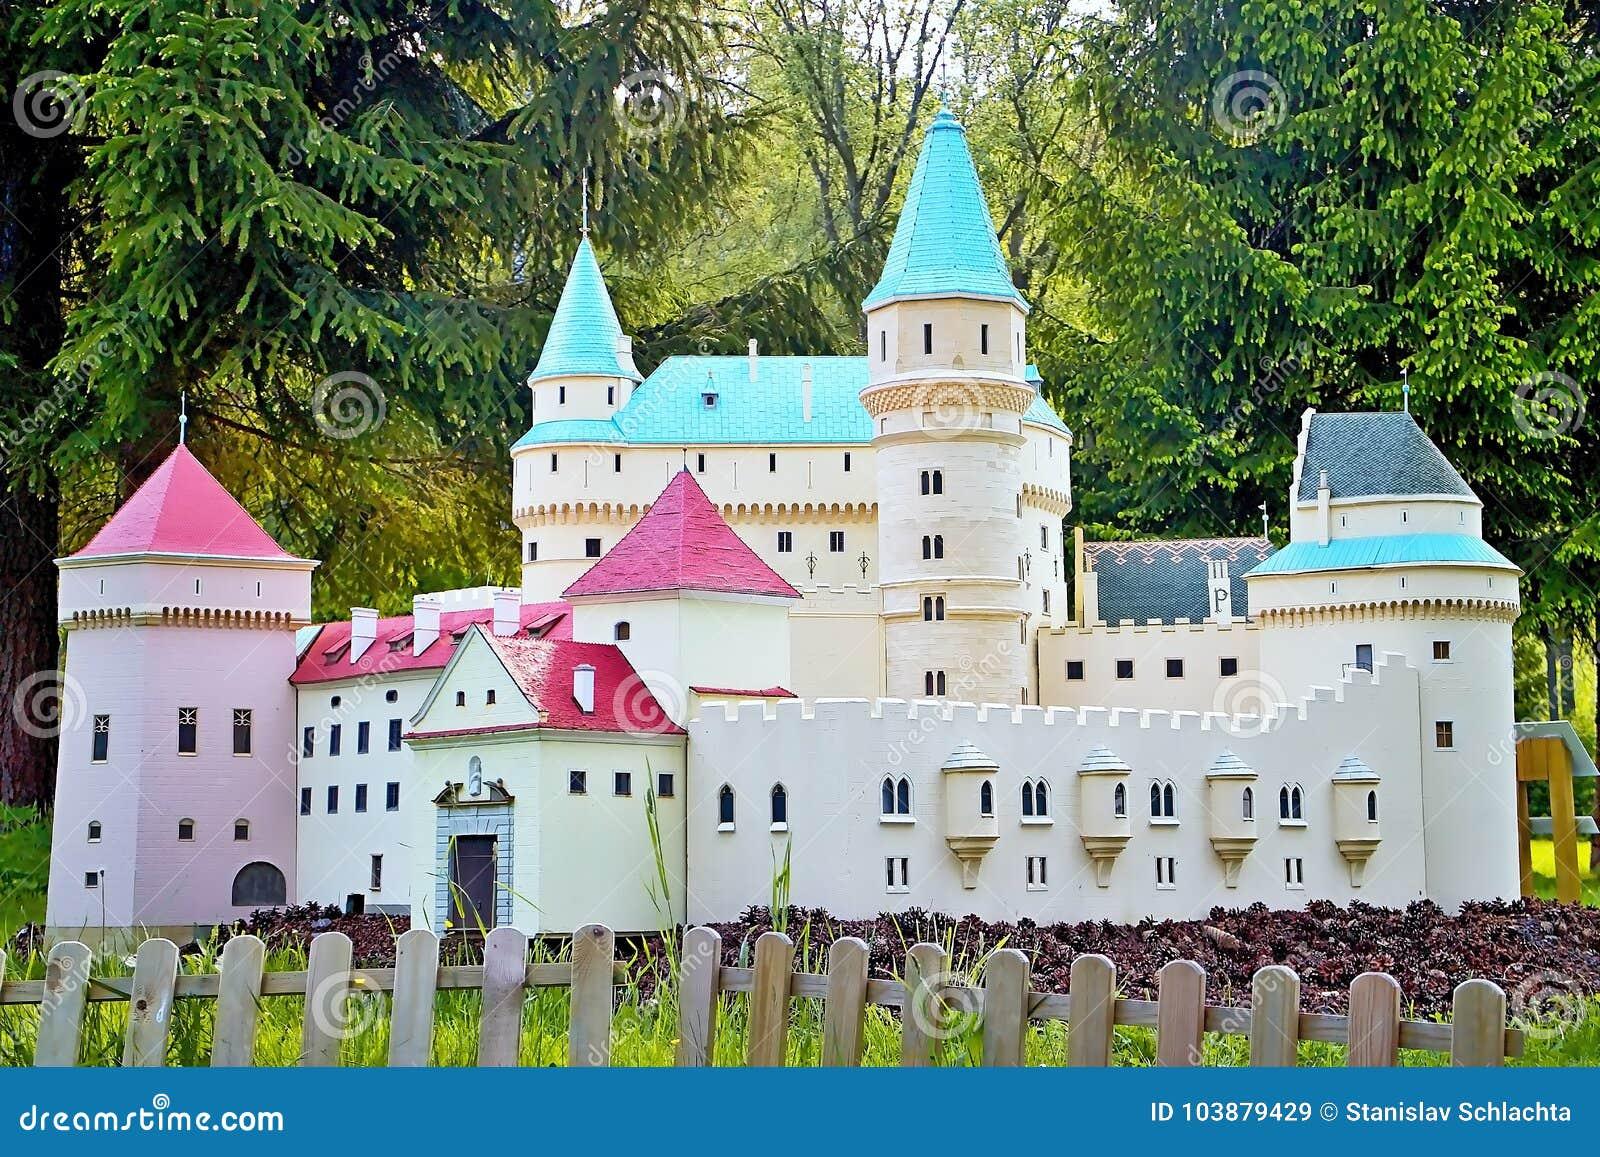 Του Ιαν. Liptovsky Σλοβακία, - 28 Μαΐου 2017: Μικρογραφία του πύργου Bojnice σε αναλογία 1: 25 όμορφη Σλοβακία